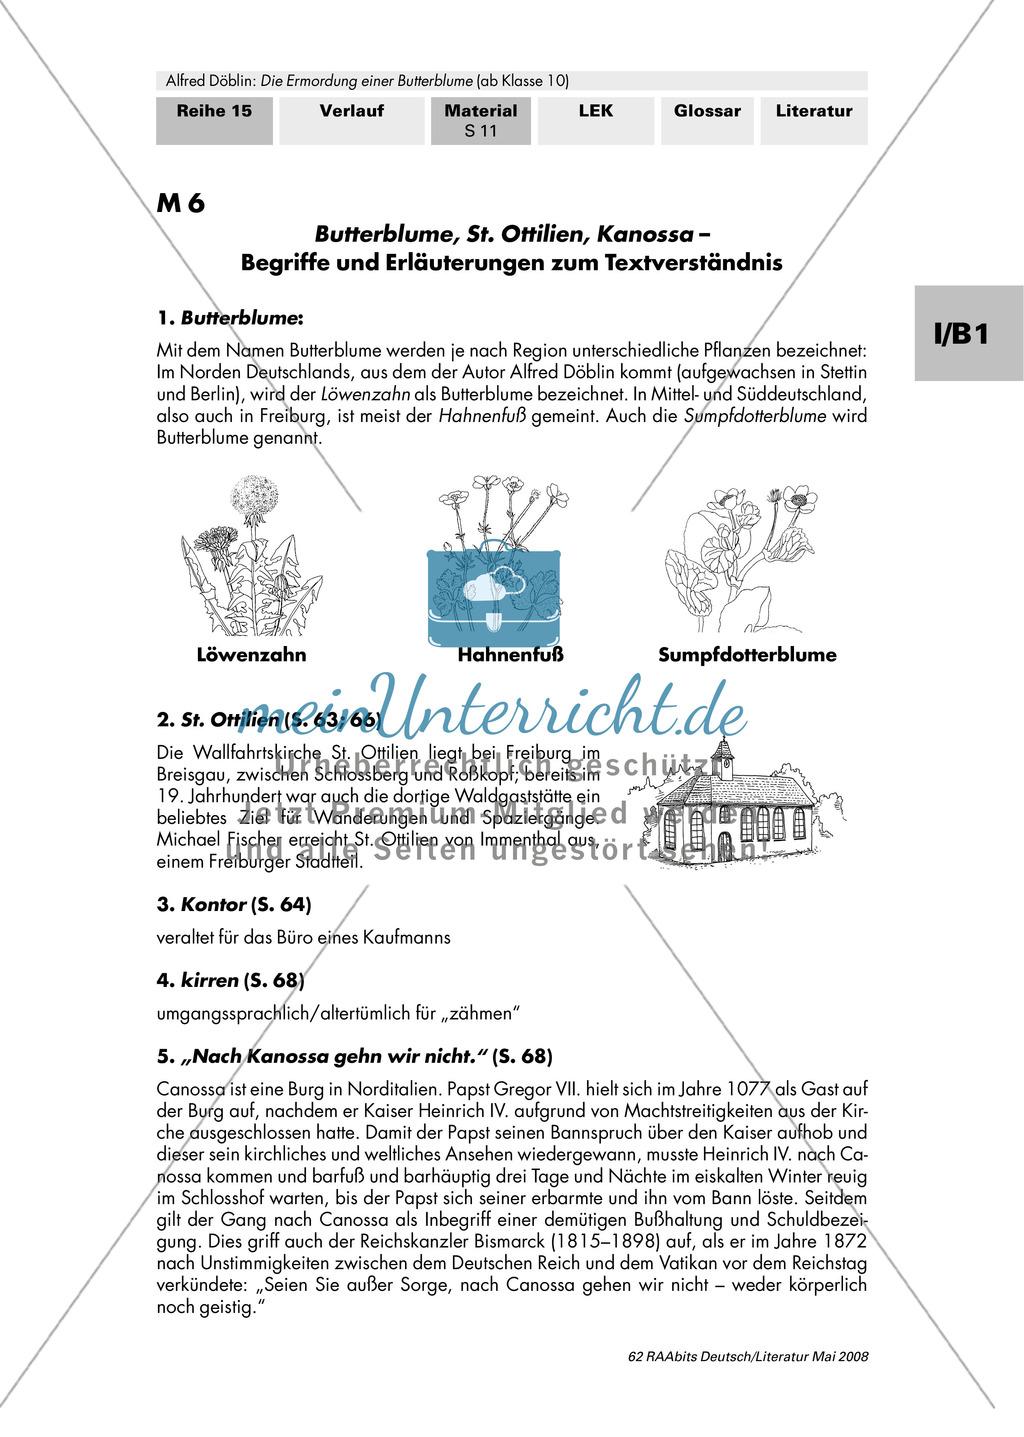 Großartig Chemie Einheit 6 Arbeitsblatt 2 Antworten Bilder - Super ...